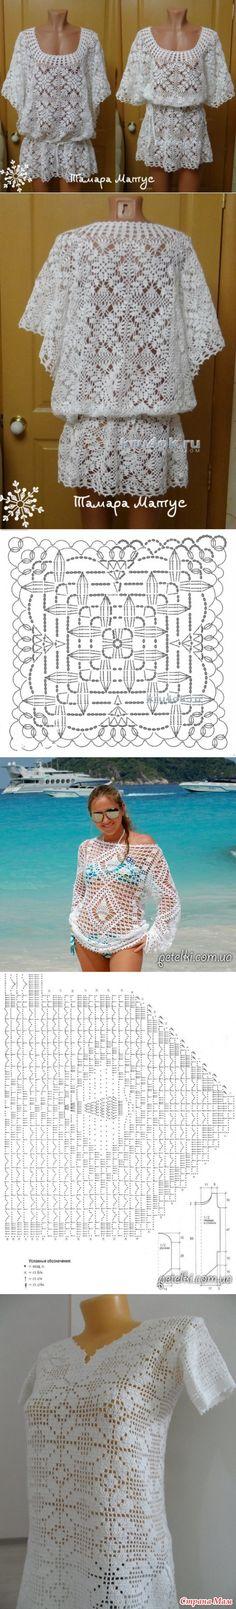 Поиск на Постиле: пляжные туники